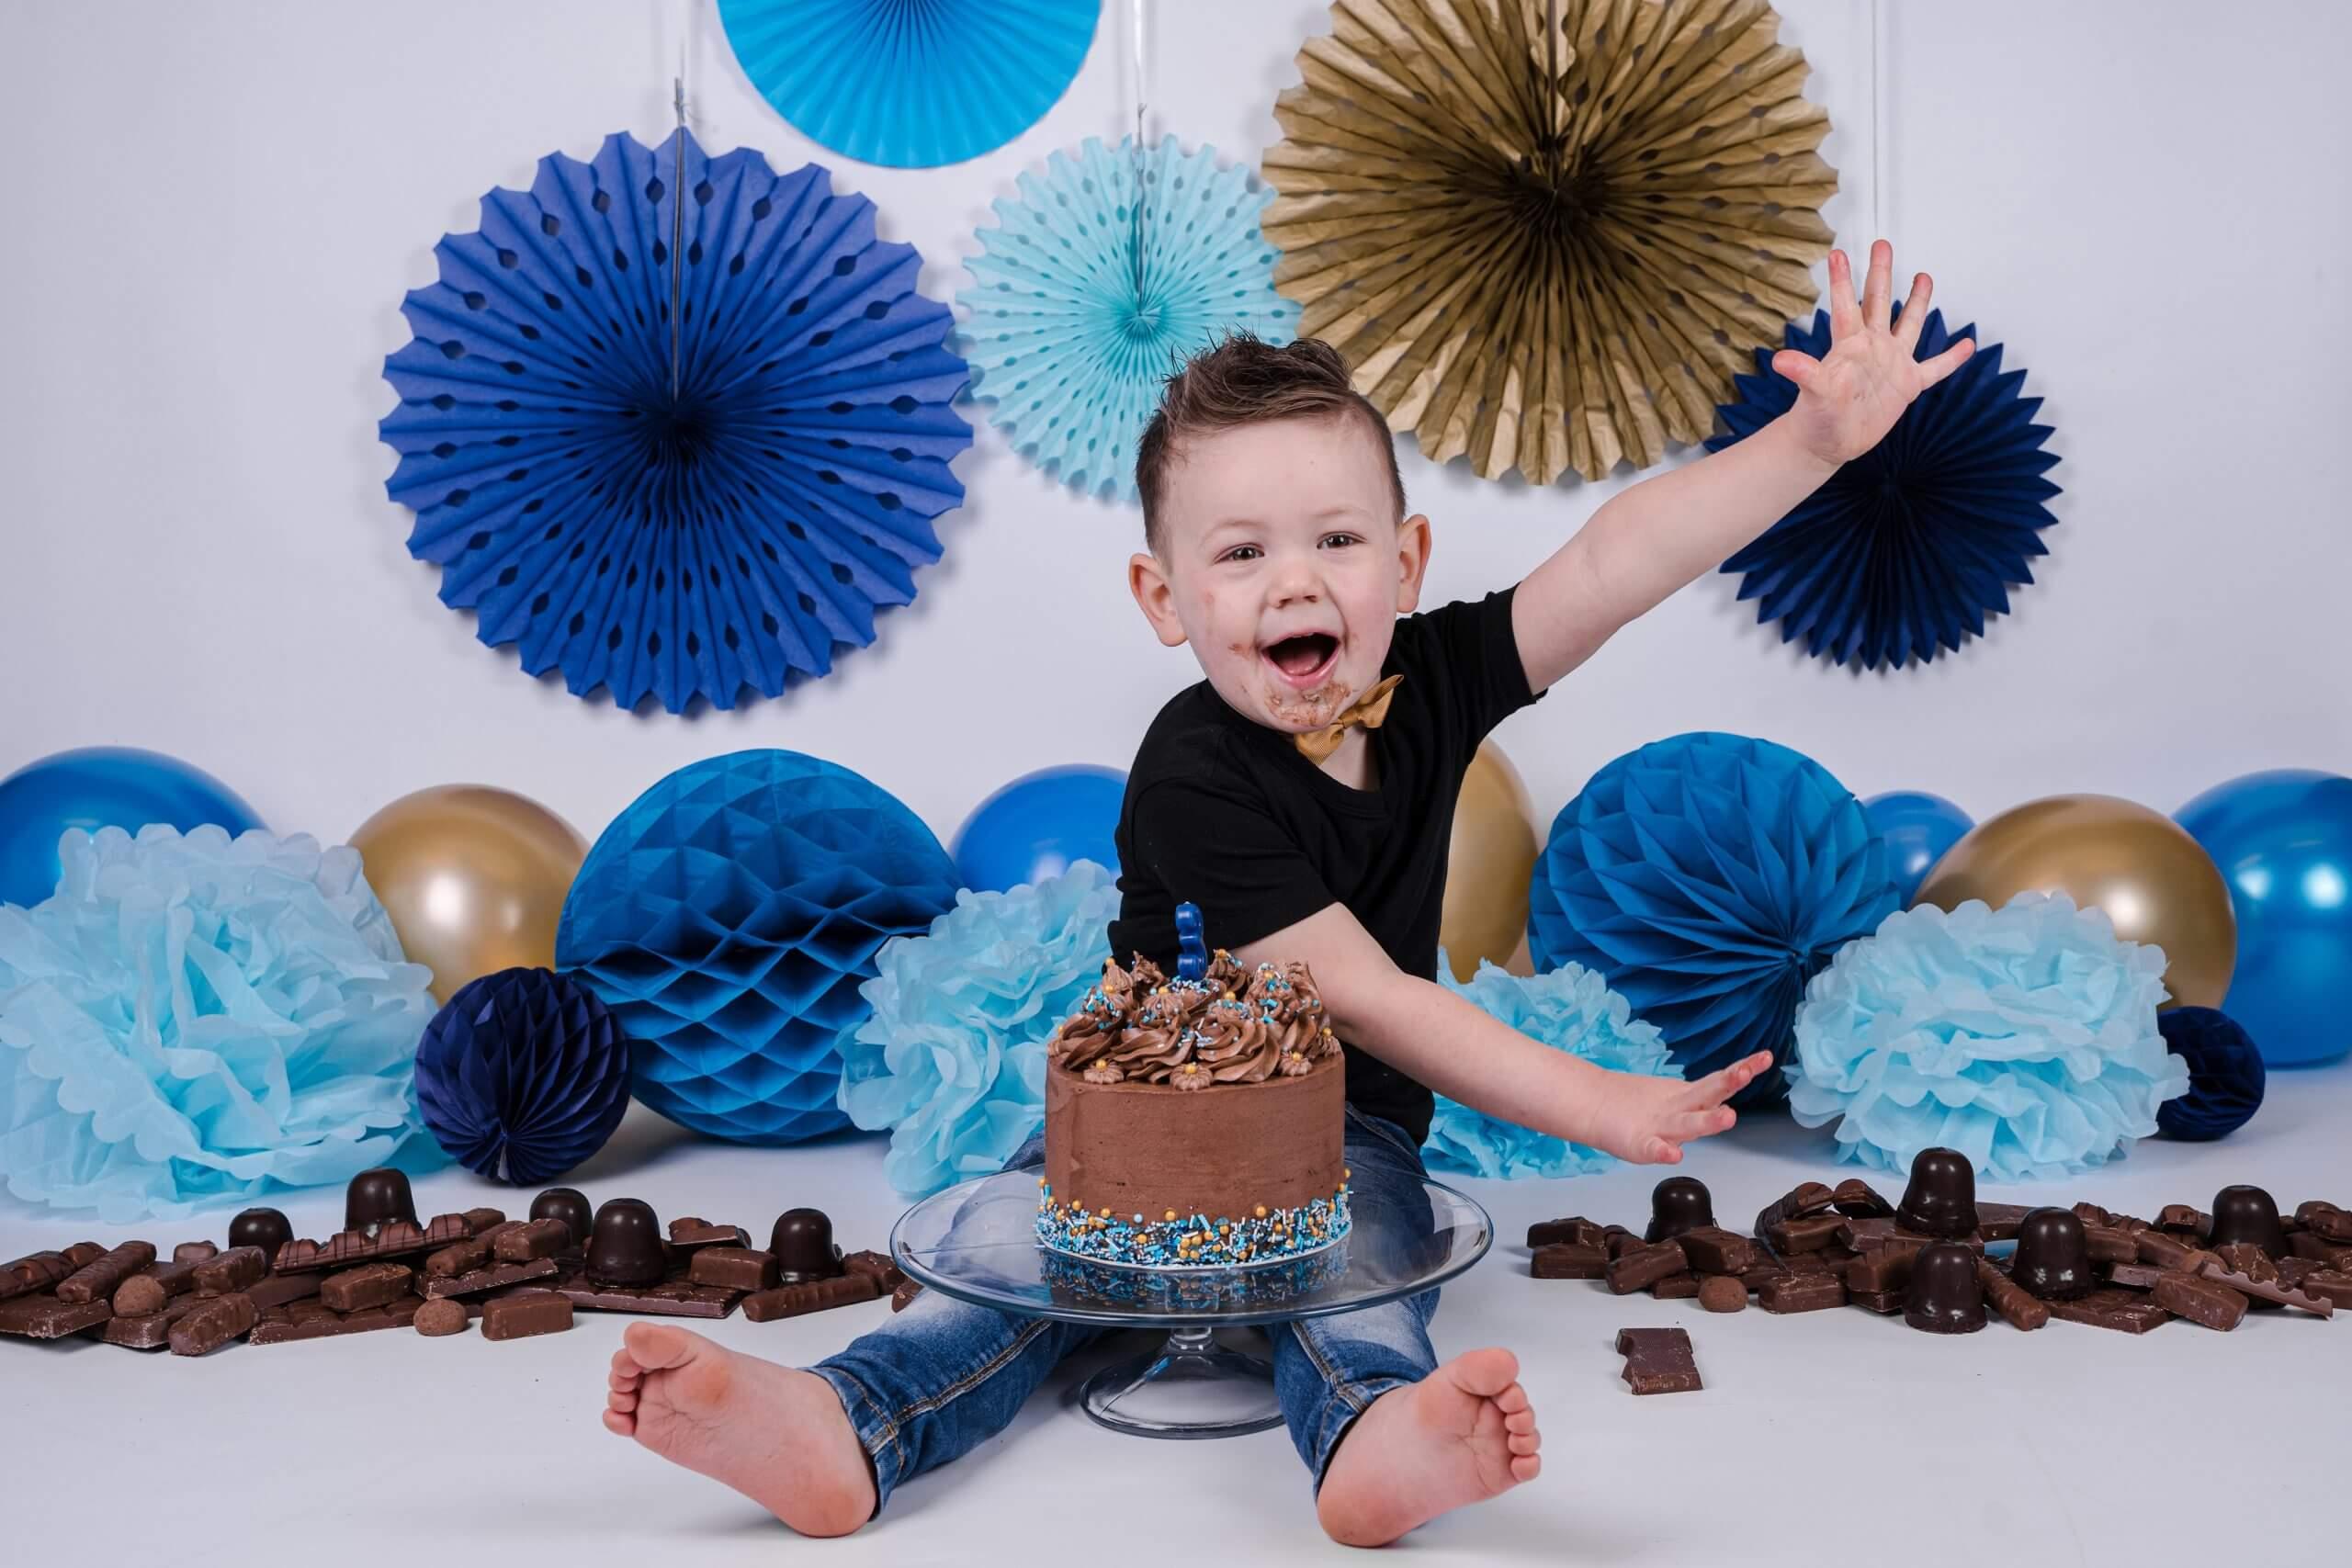 jongen cake smash verjaardag